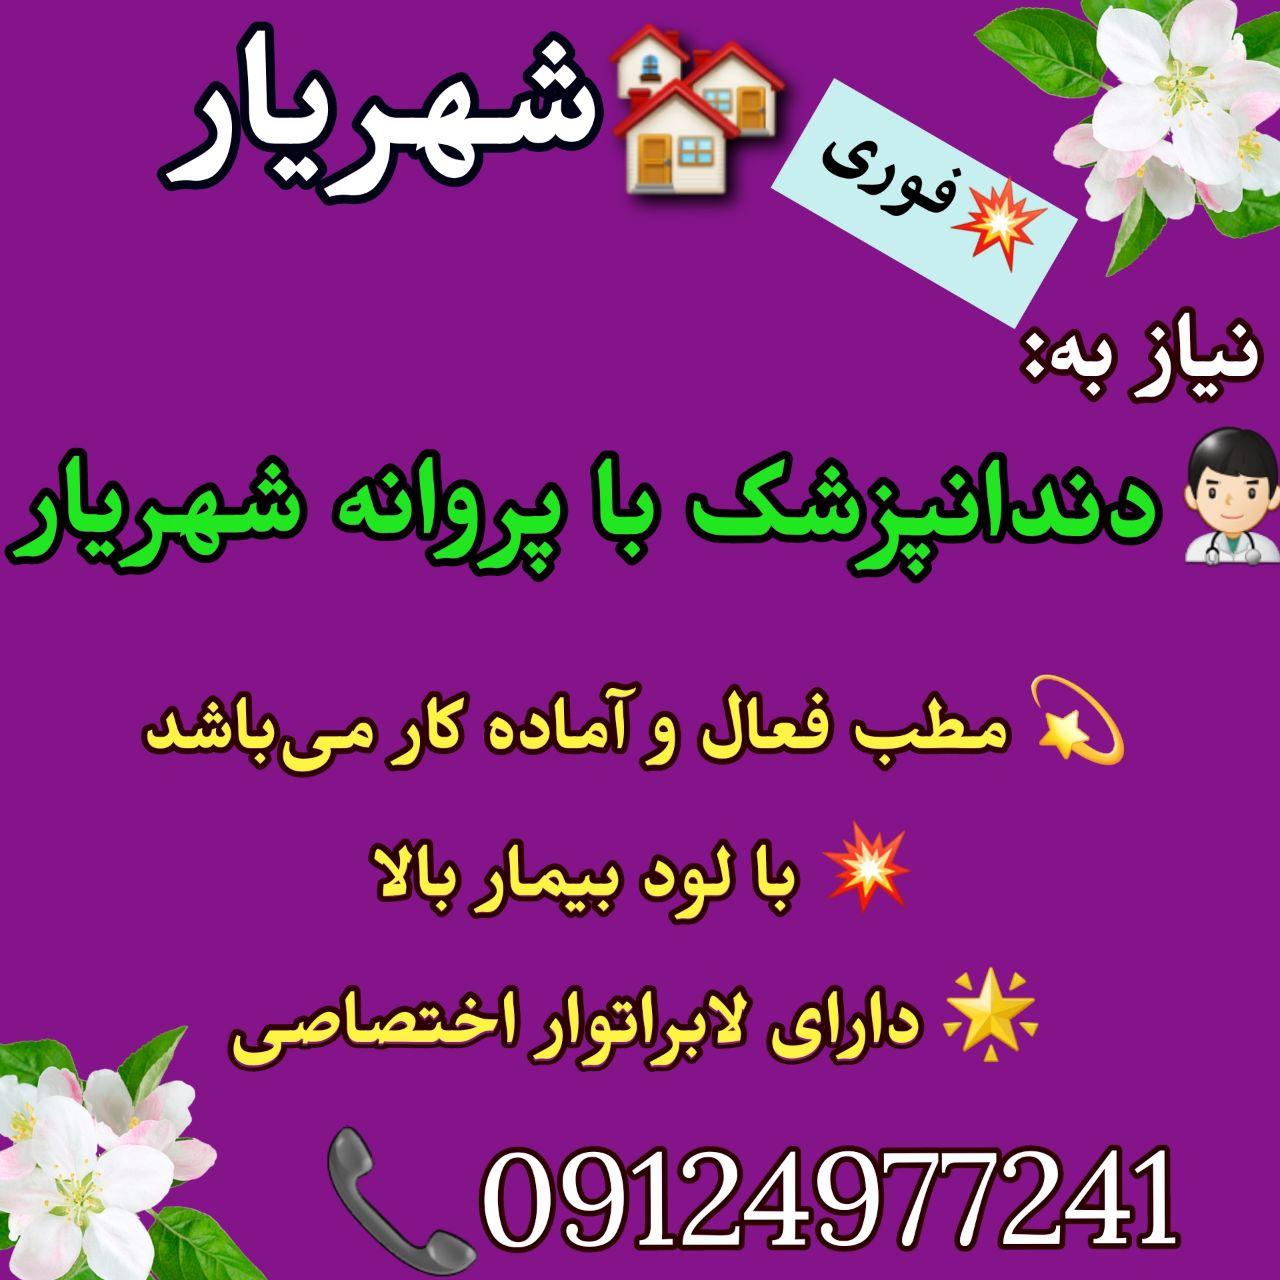 شهریار: نیاز به دندانپزشک با پروانه شهریار